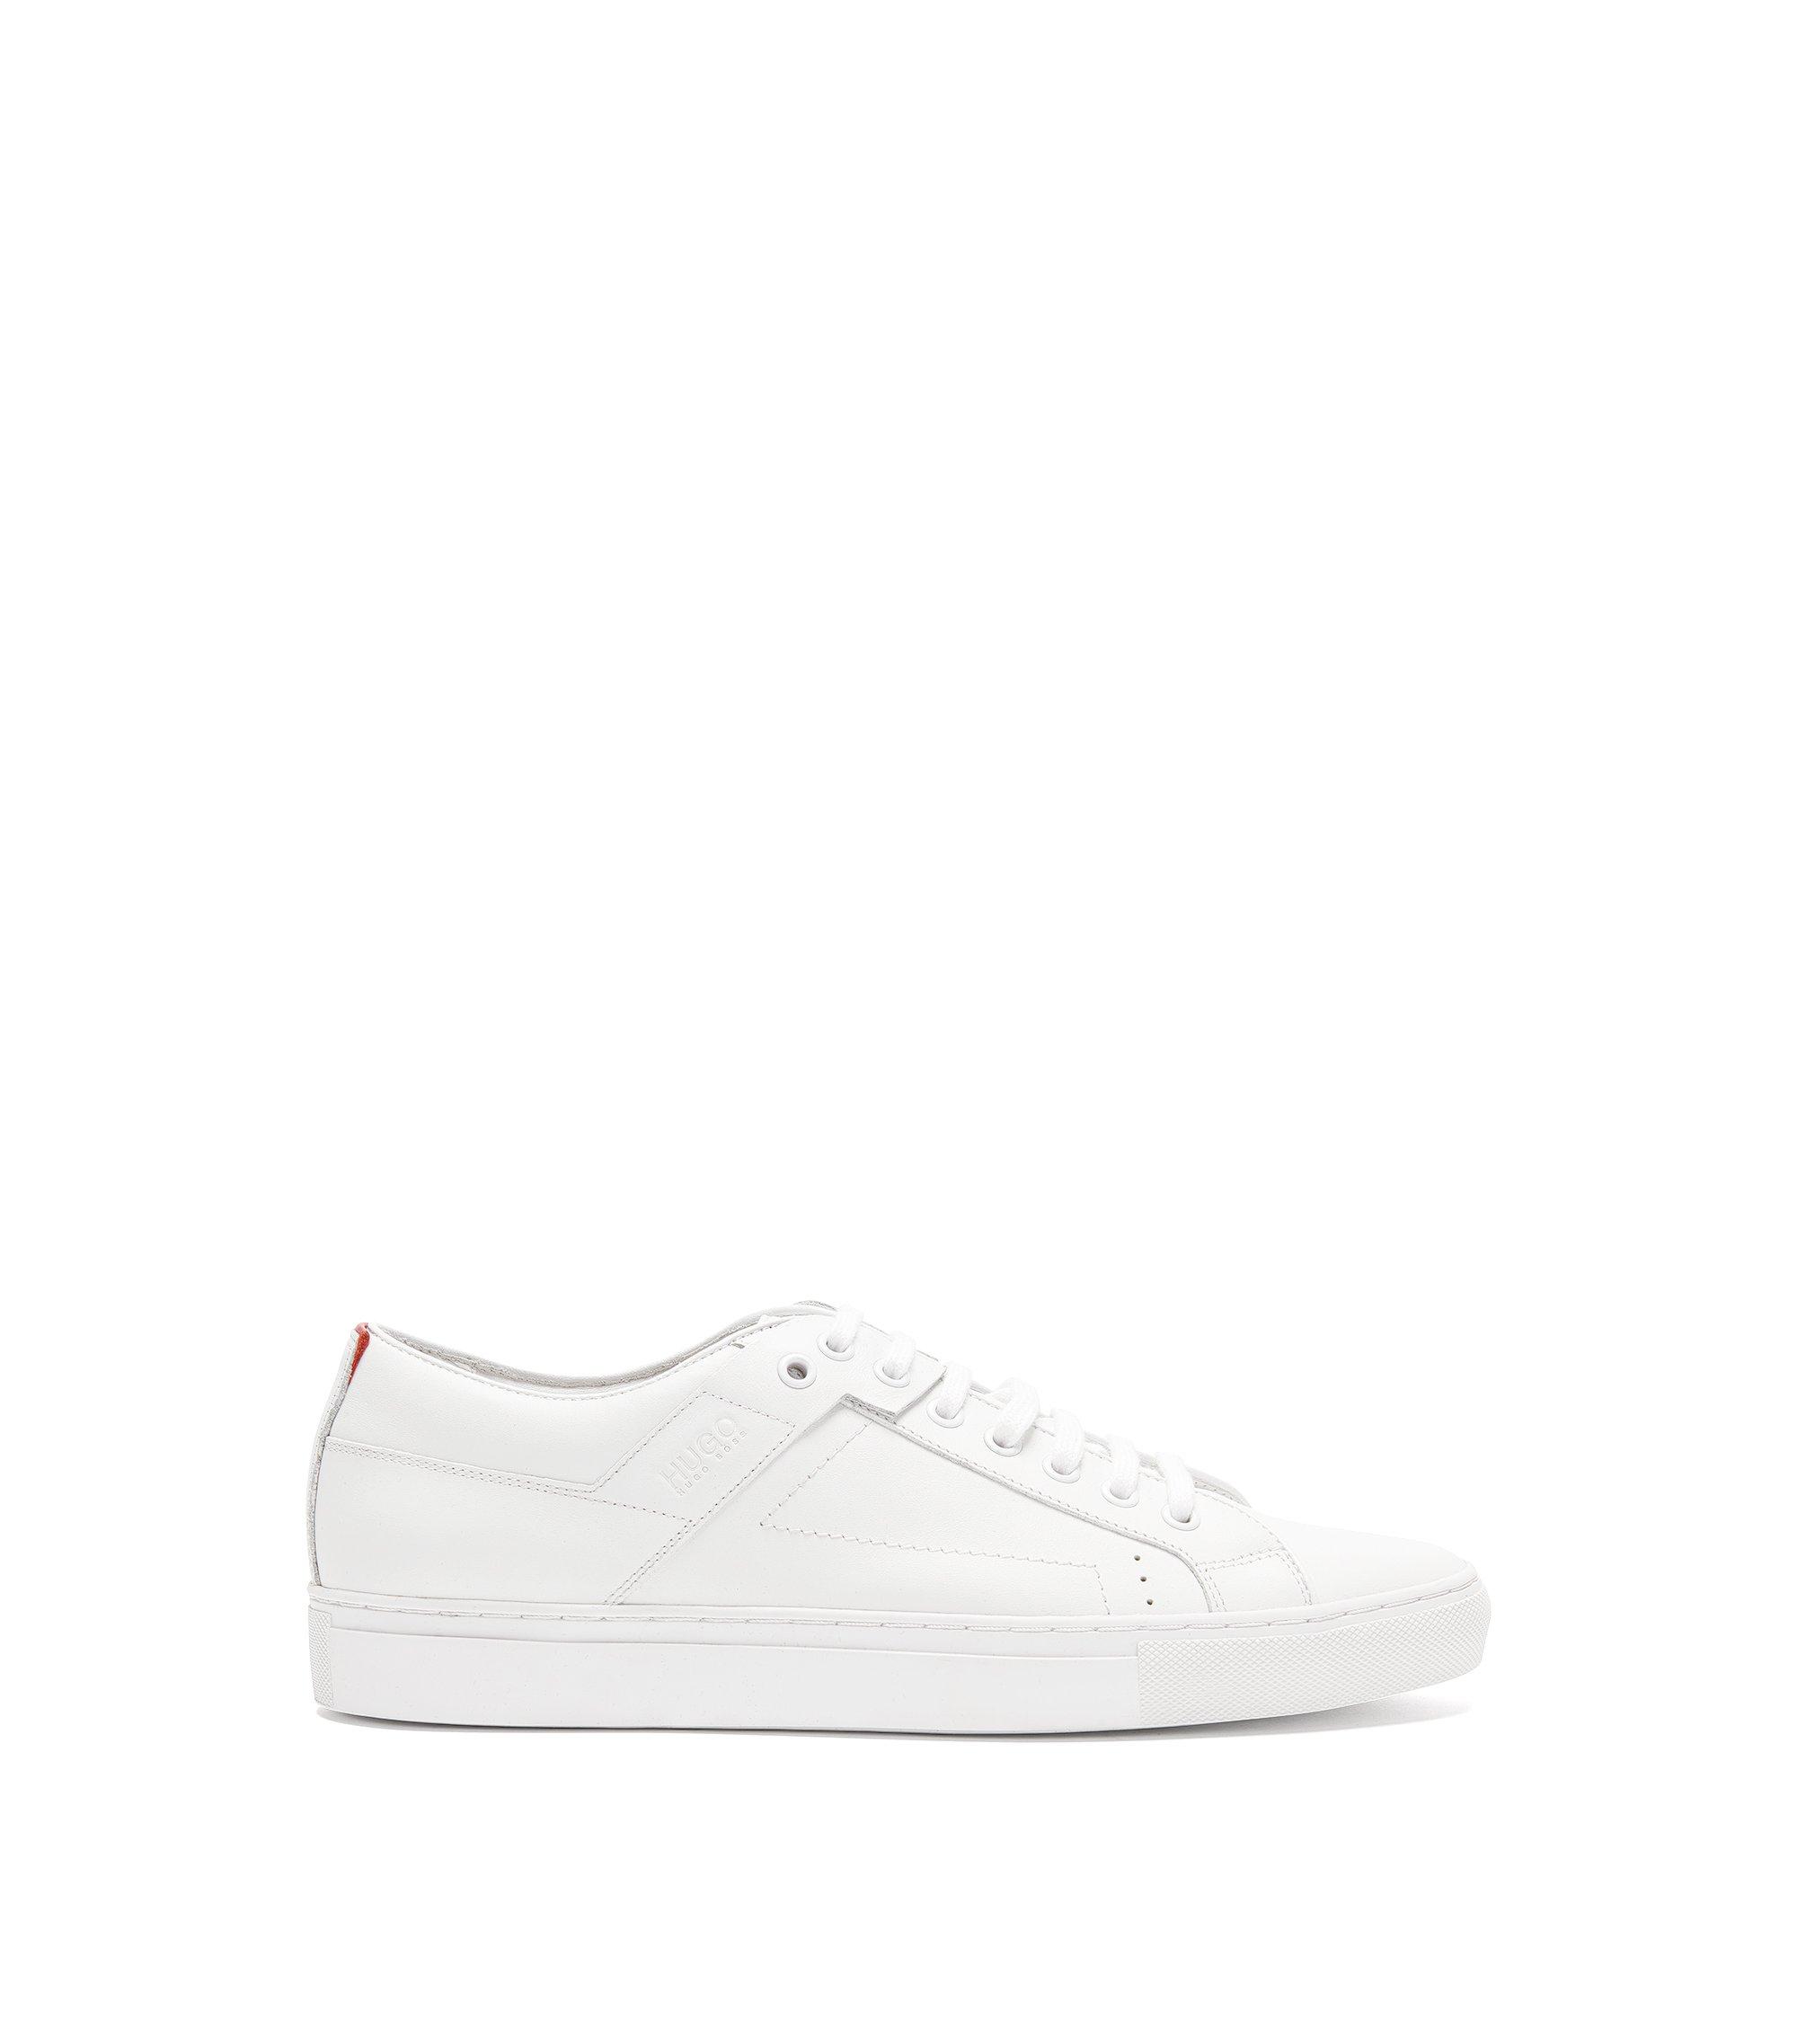 Sneakers aus softem Nappaleder mit Schnürung, Weiß